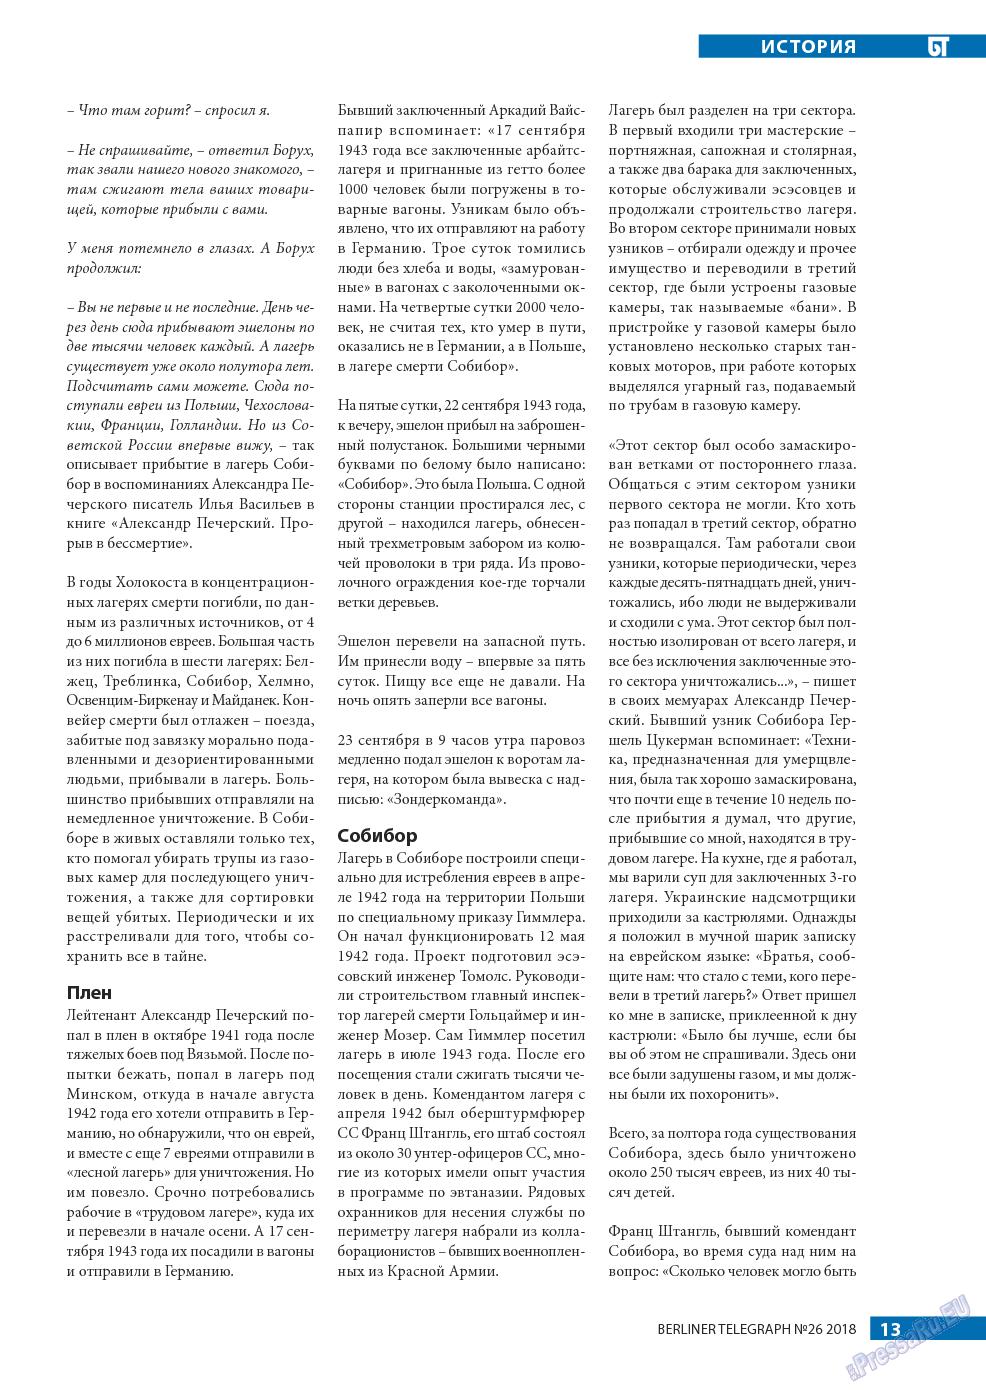 Берлинский телеграф (журнал). 2018 год, номер 26, стр. 13